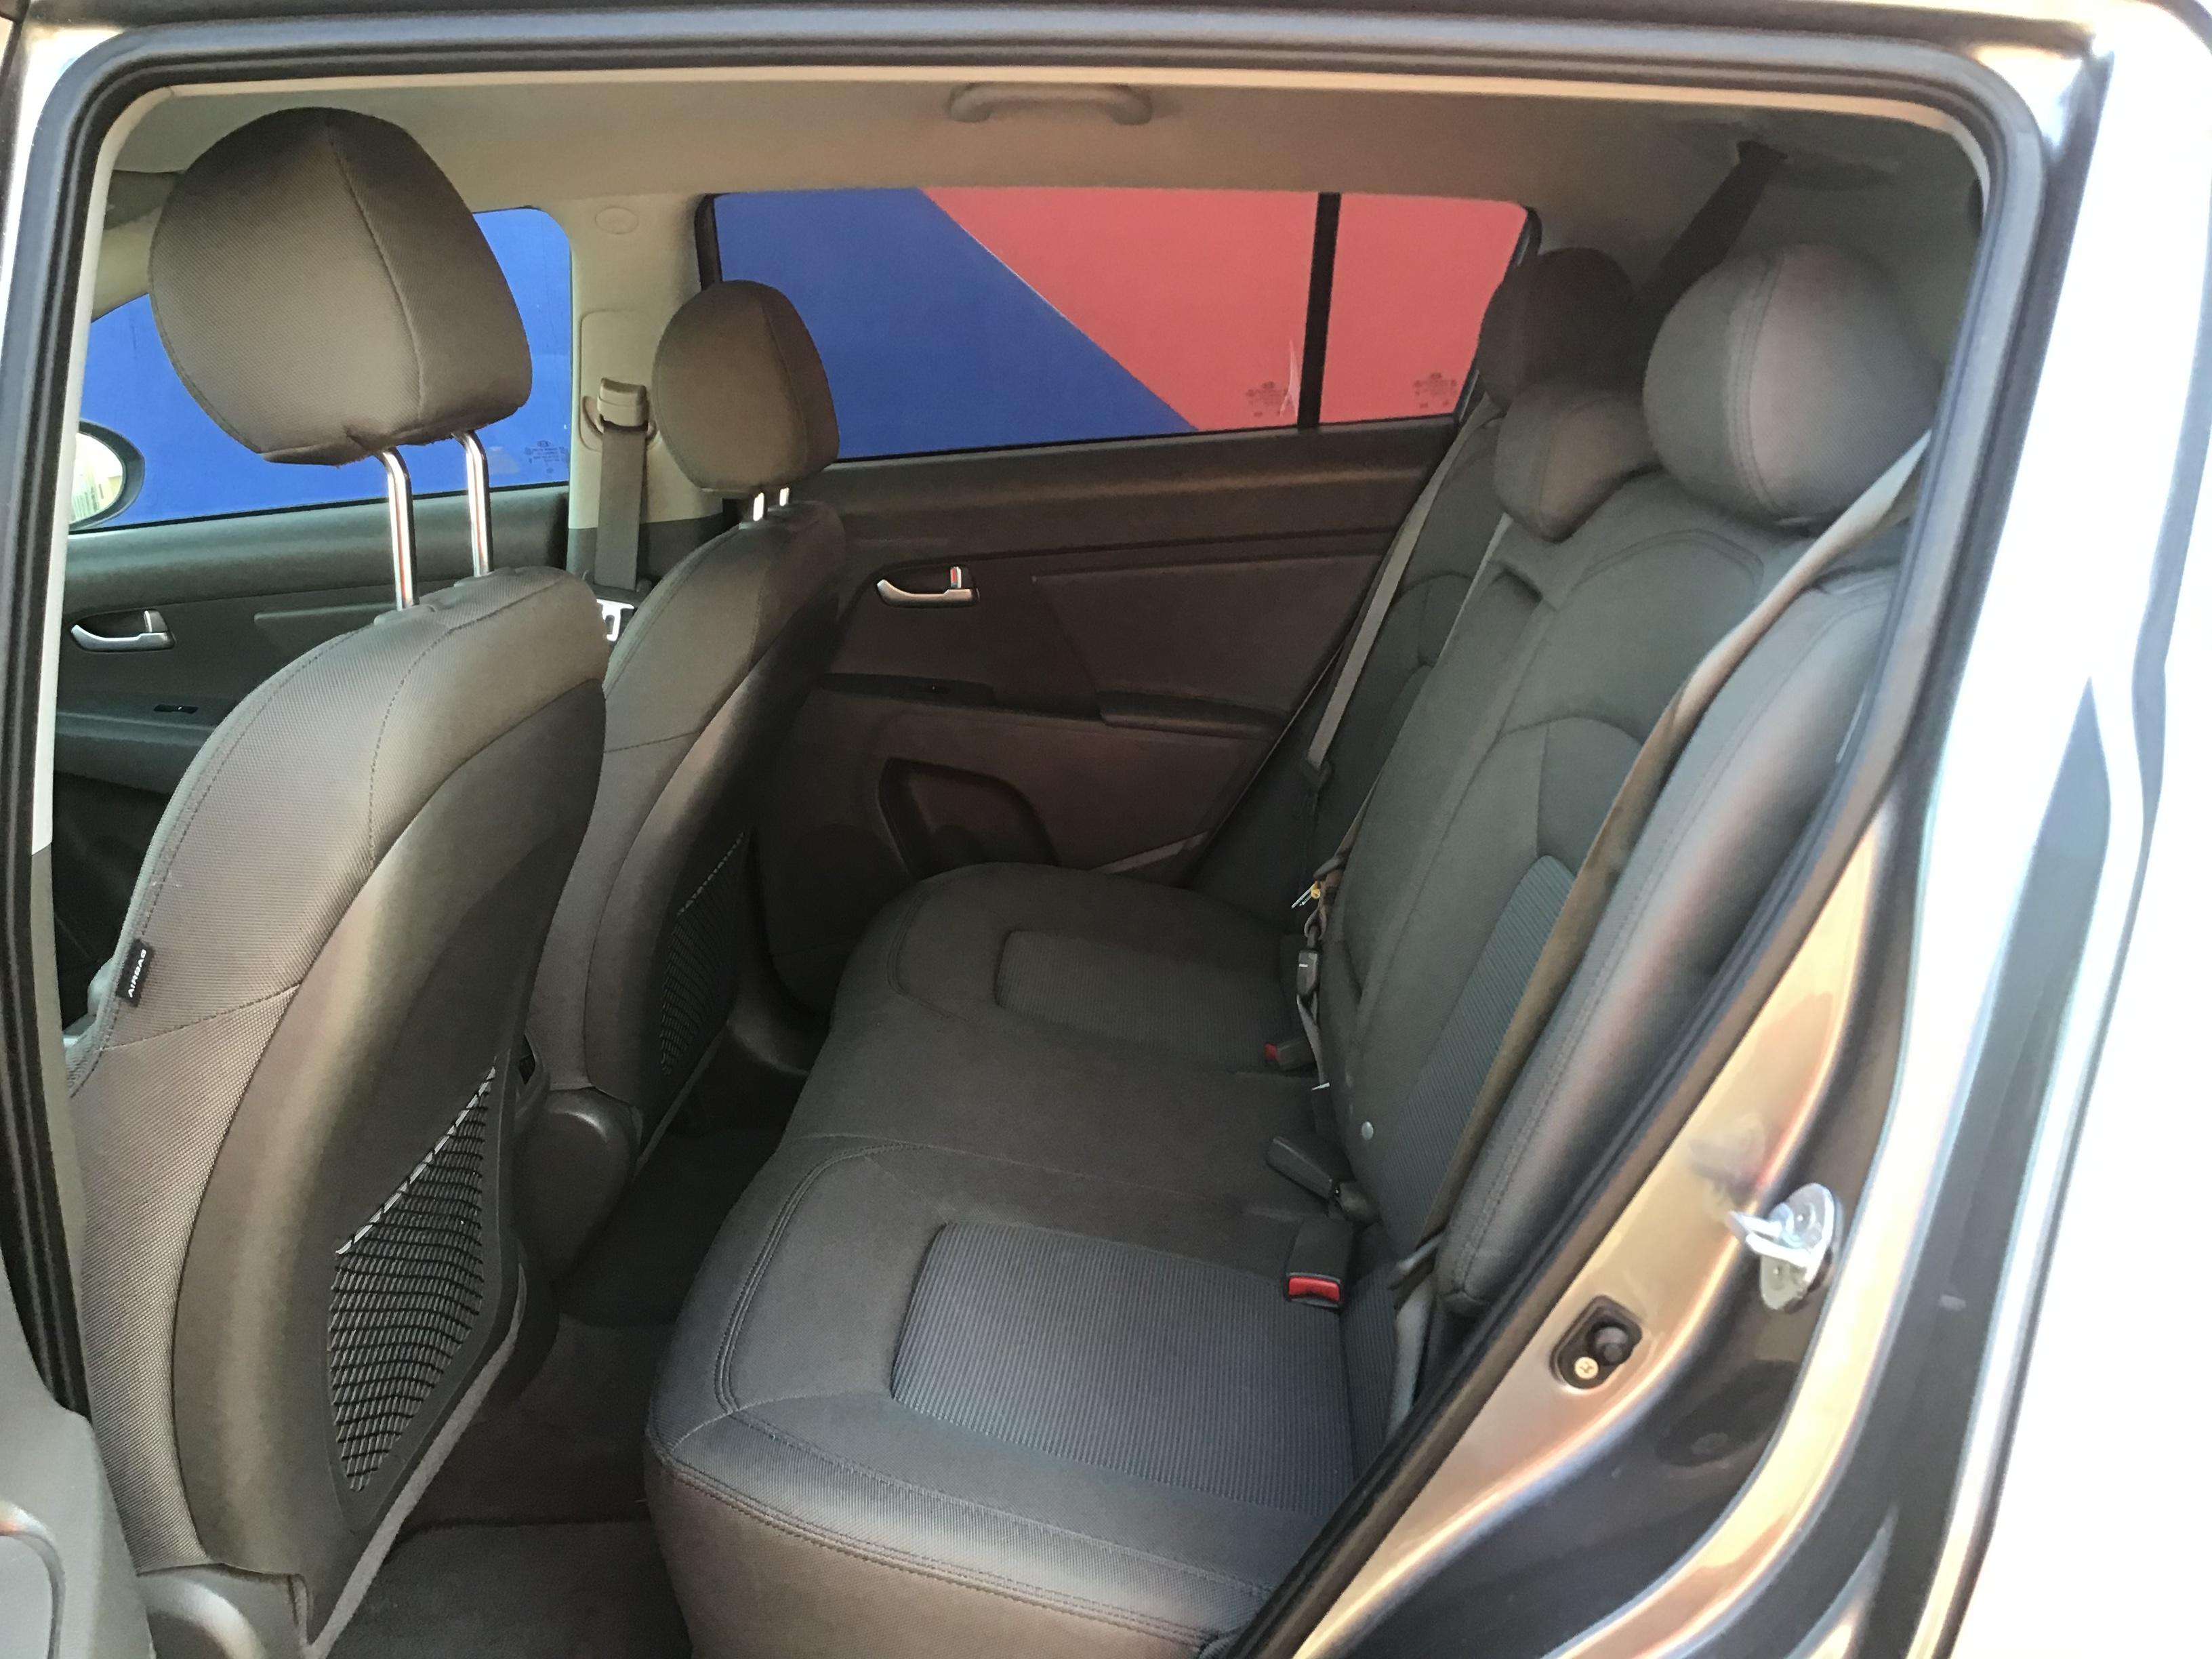 used vehicle - SUV KIA SPORTAGE 2015